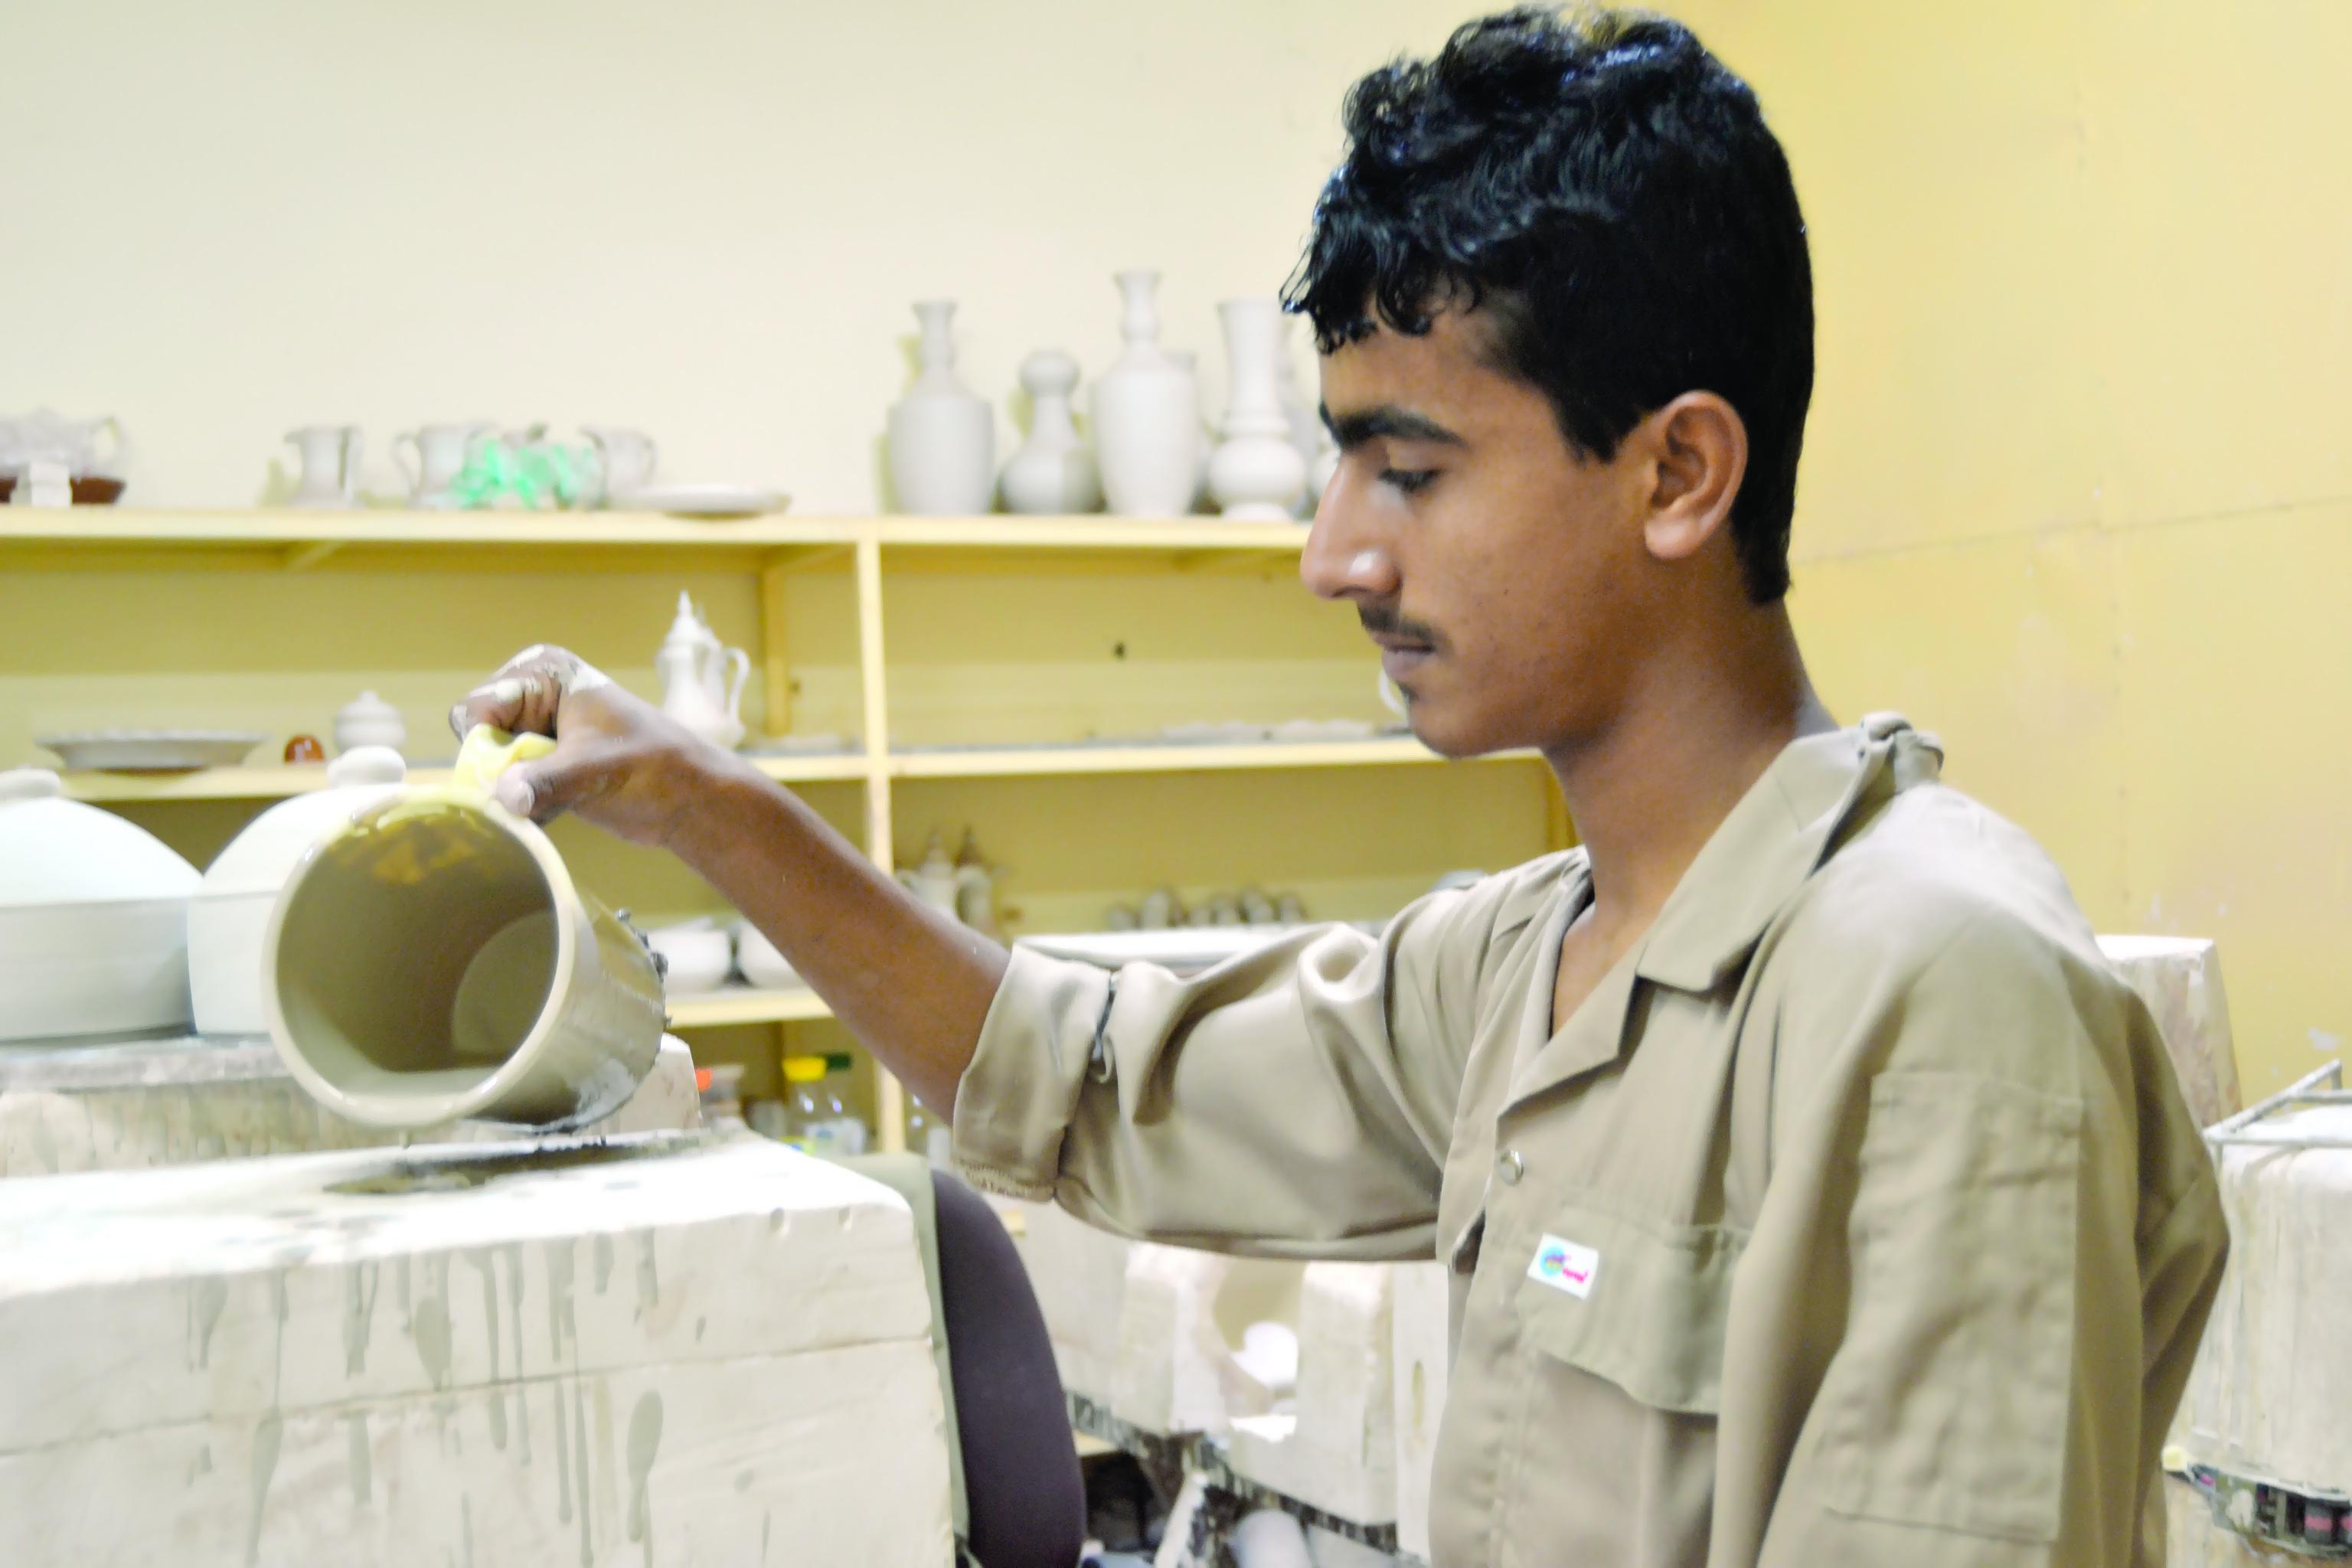 «التربية» تنفذ برنامجًا تدريبيًا في الصناعات الخزفية